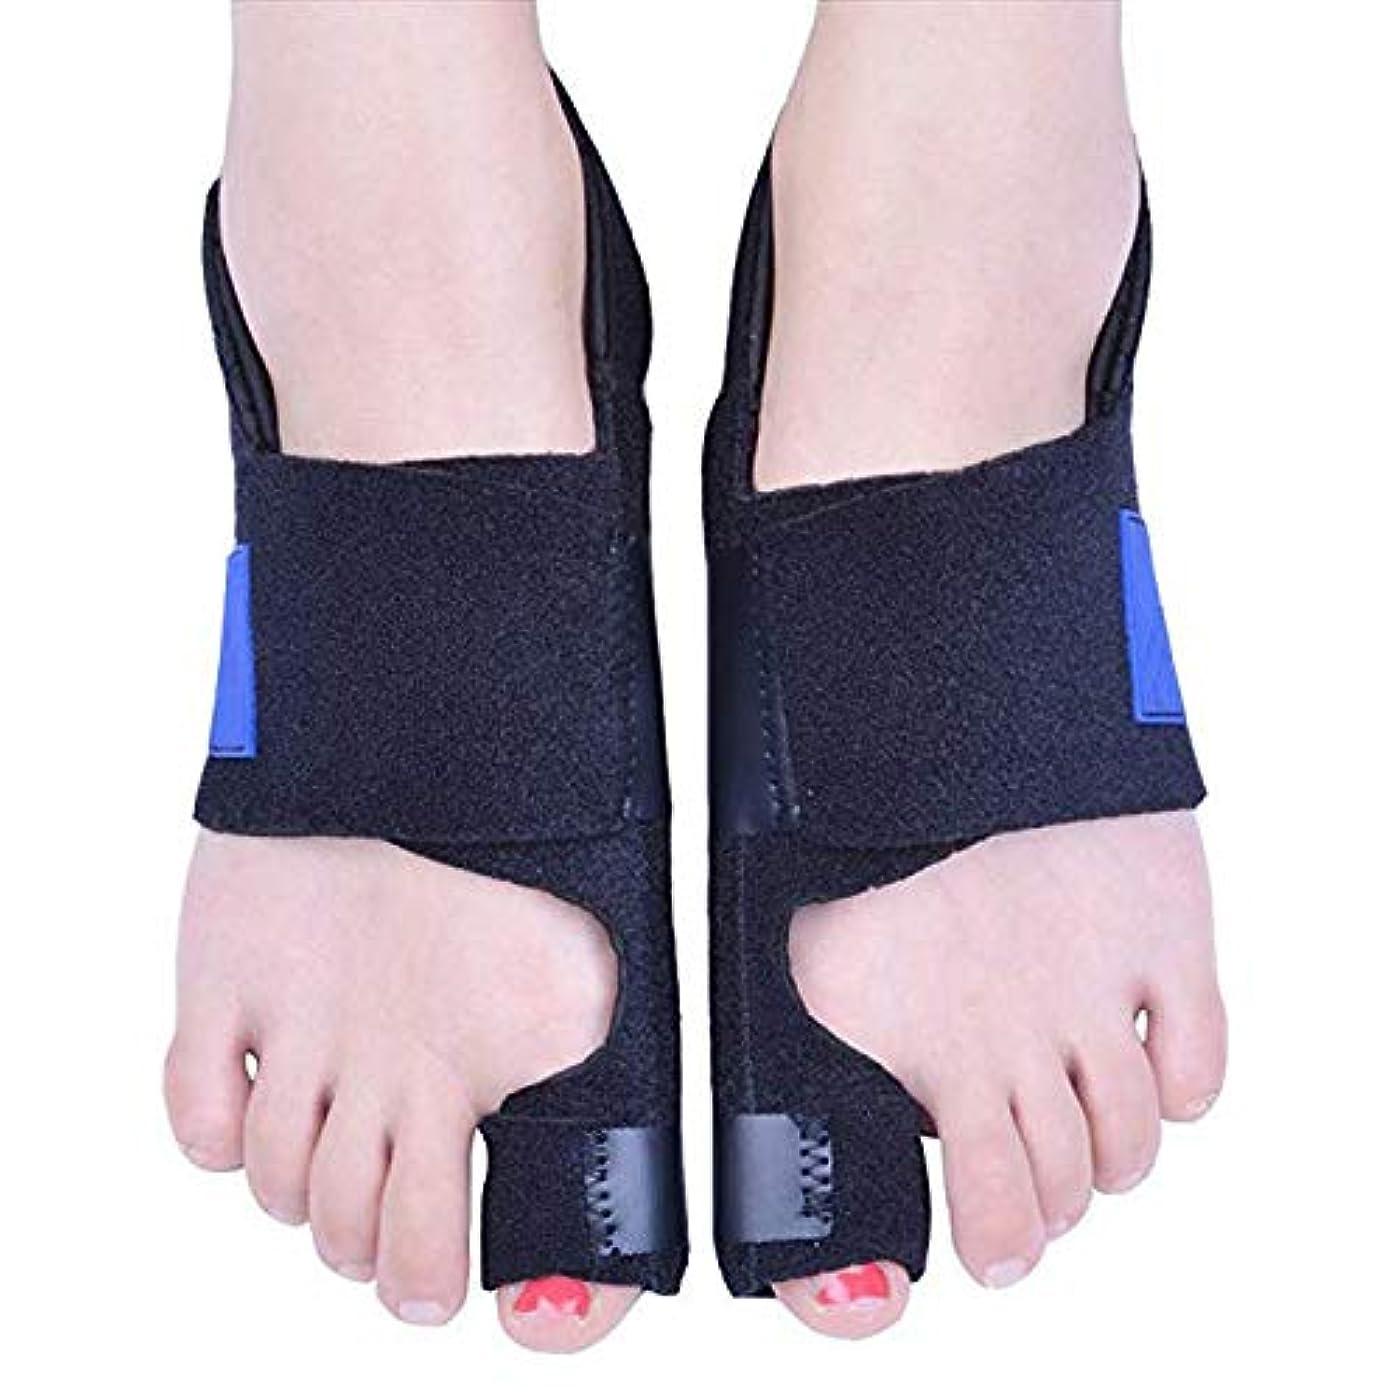 簡略化する絶滅した今後腰部の足のアライナーと腱膜瘤の救済、女性と男性の整形外科の足の親指の矯正、昼と夜のサポート、外反母ofの治療と予防,Black